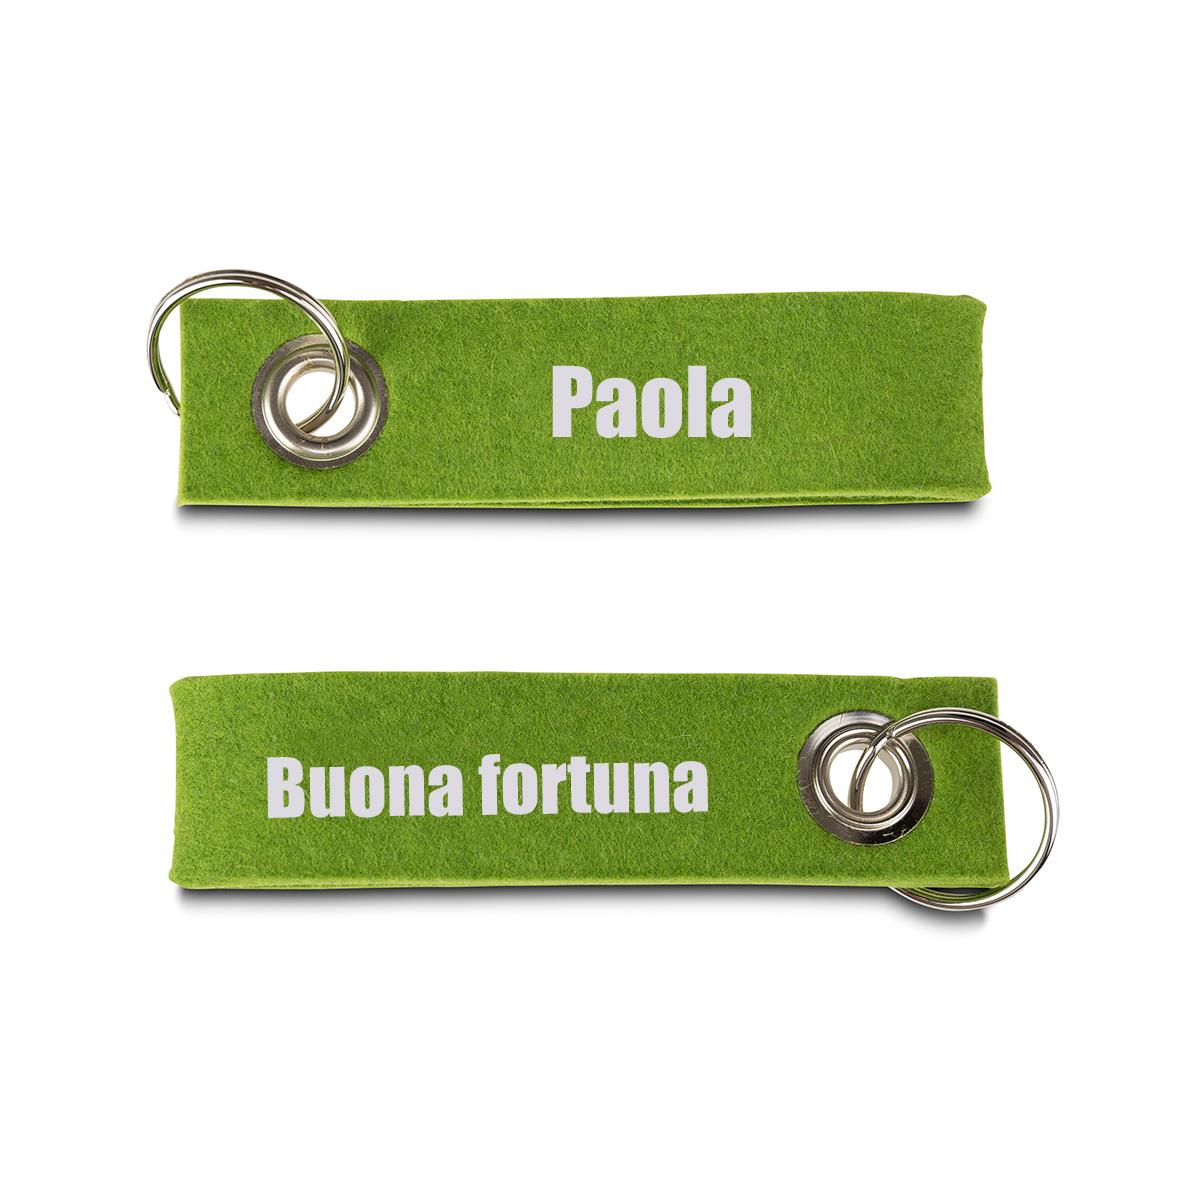 Image of Portachiavi personalizzato in Feltro - Buona Fortuna